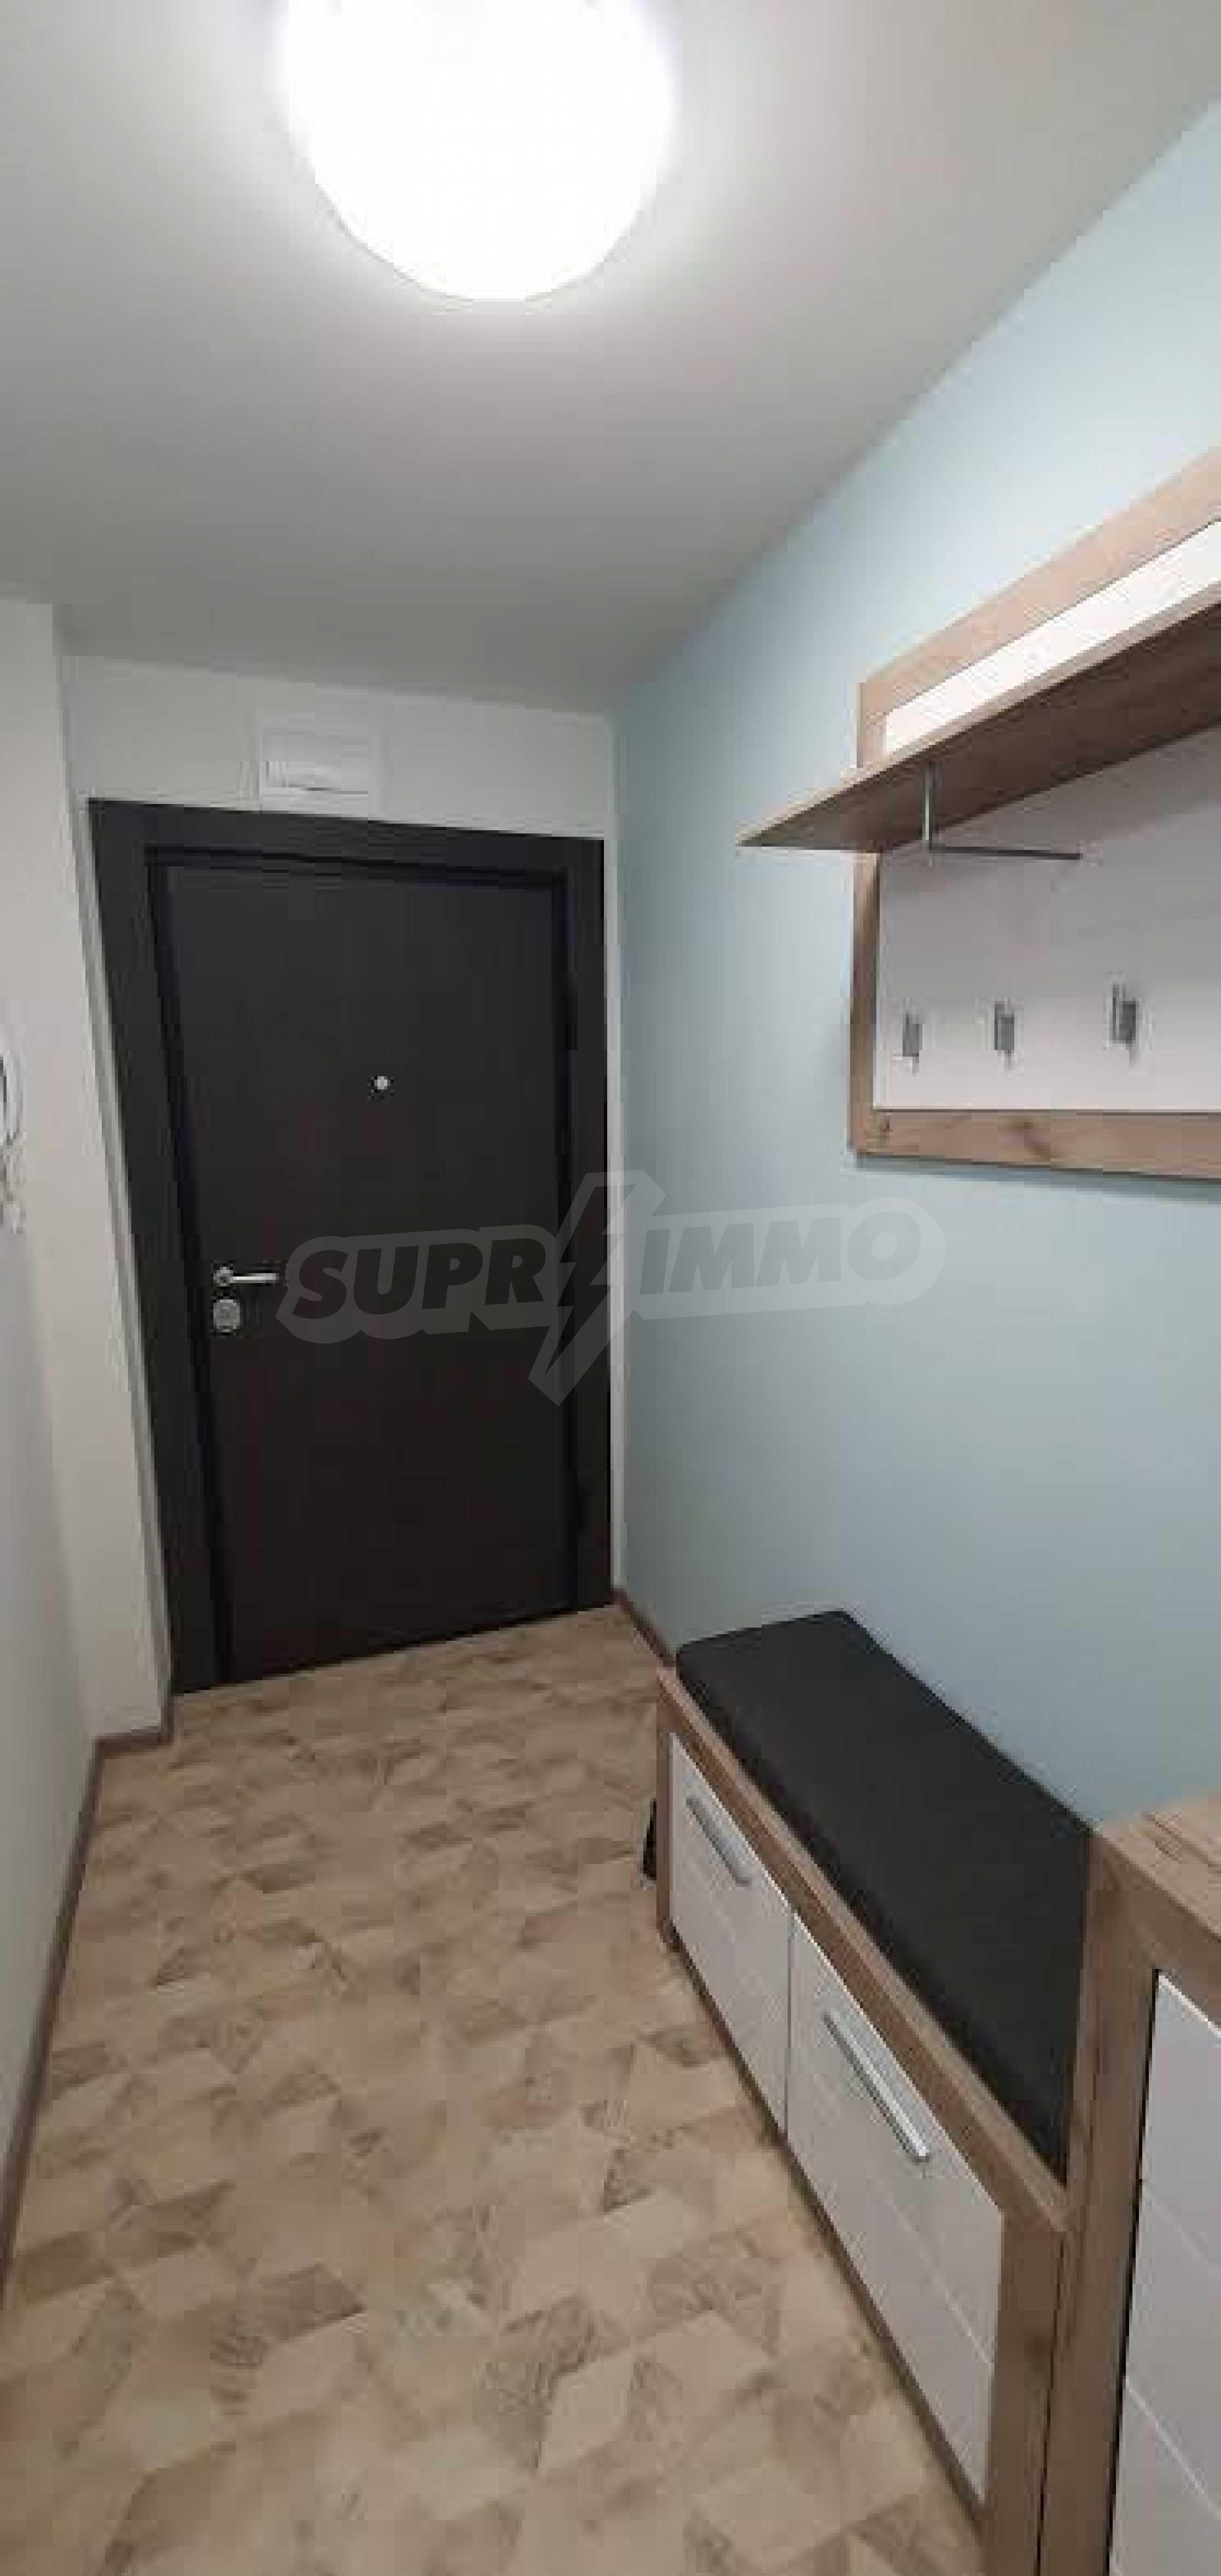 Новая стильно меблированная двухкомнатная квартира в Пловдиве, Центральный район, Каменица 13